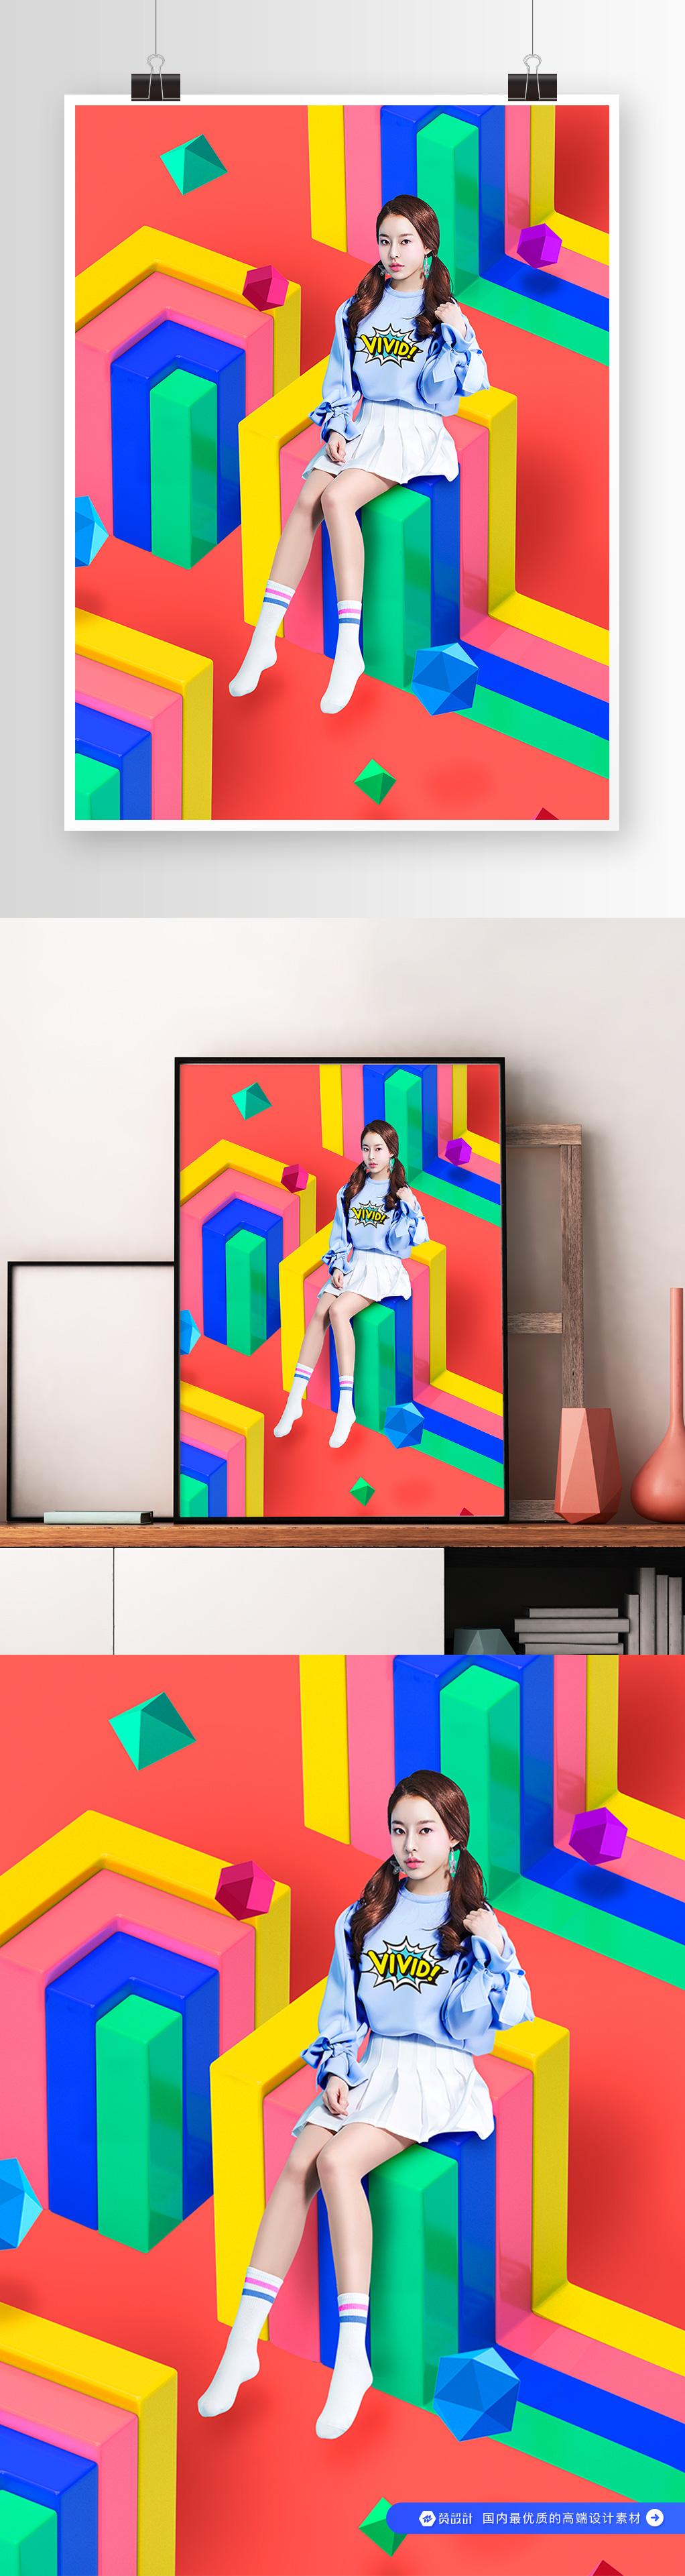 彩色多边形 美女合成海报